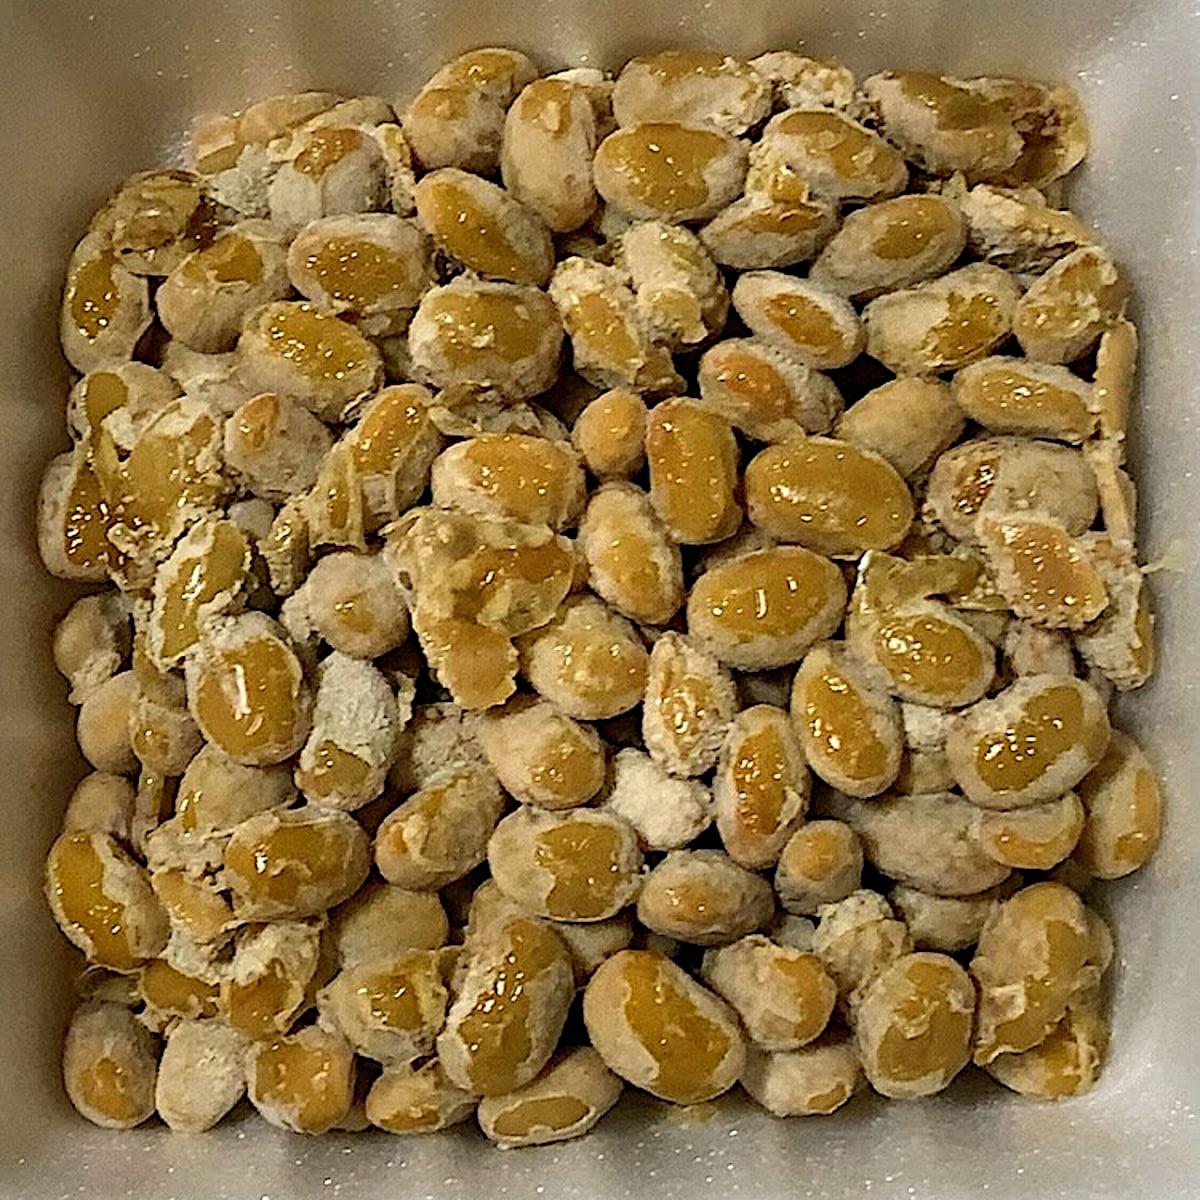 「焼きあごだれ納豆」の納豆の画像